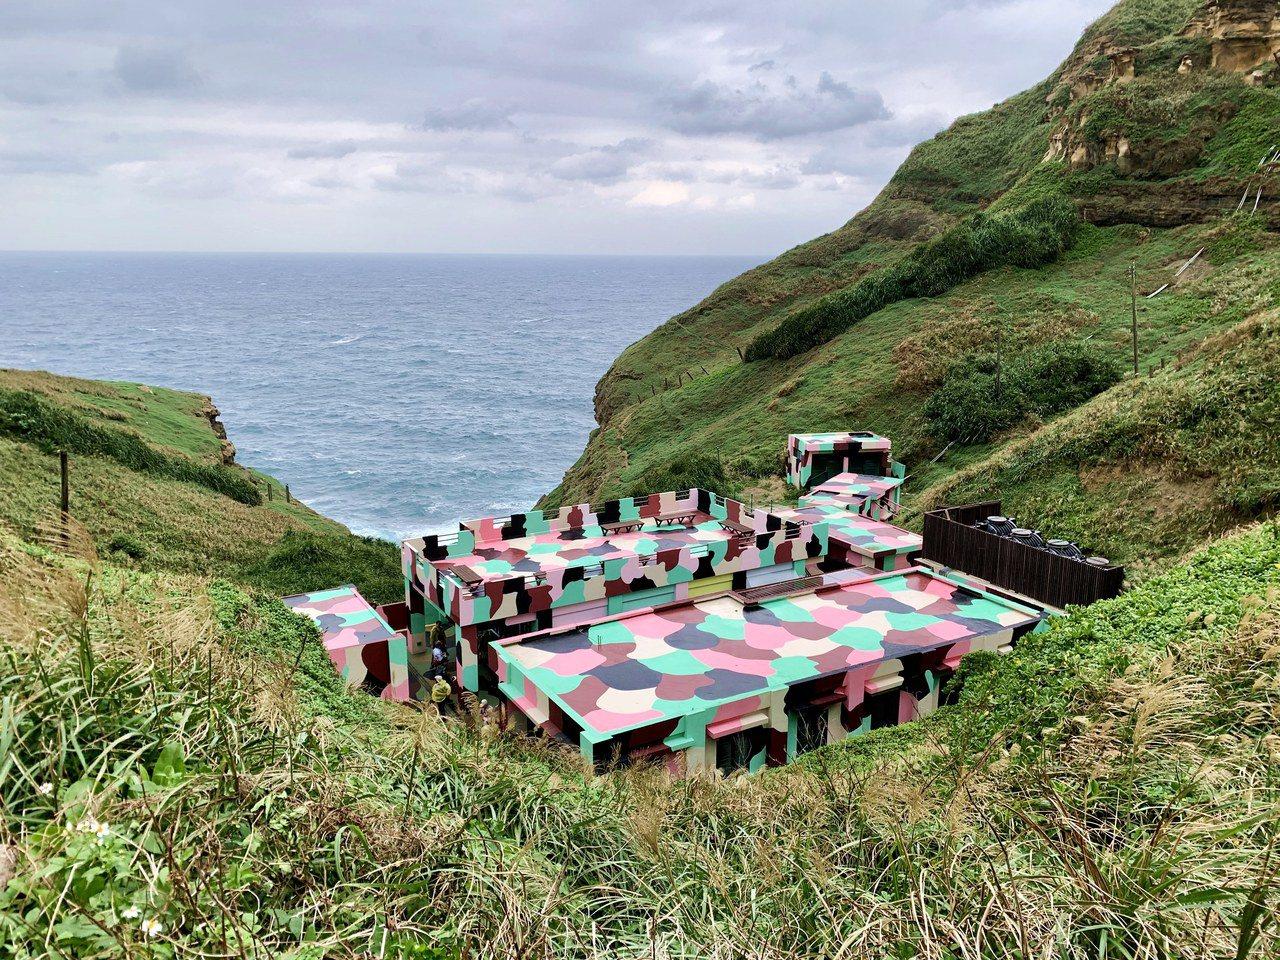 位於山谷間的「聽濤營區」可欣賞絕佳海景。記者張芳瑜/攝影